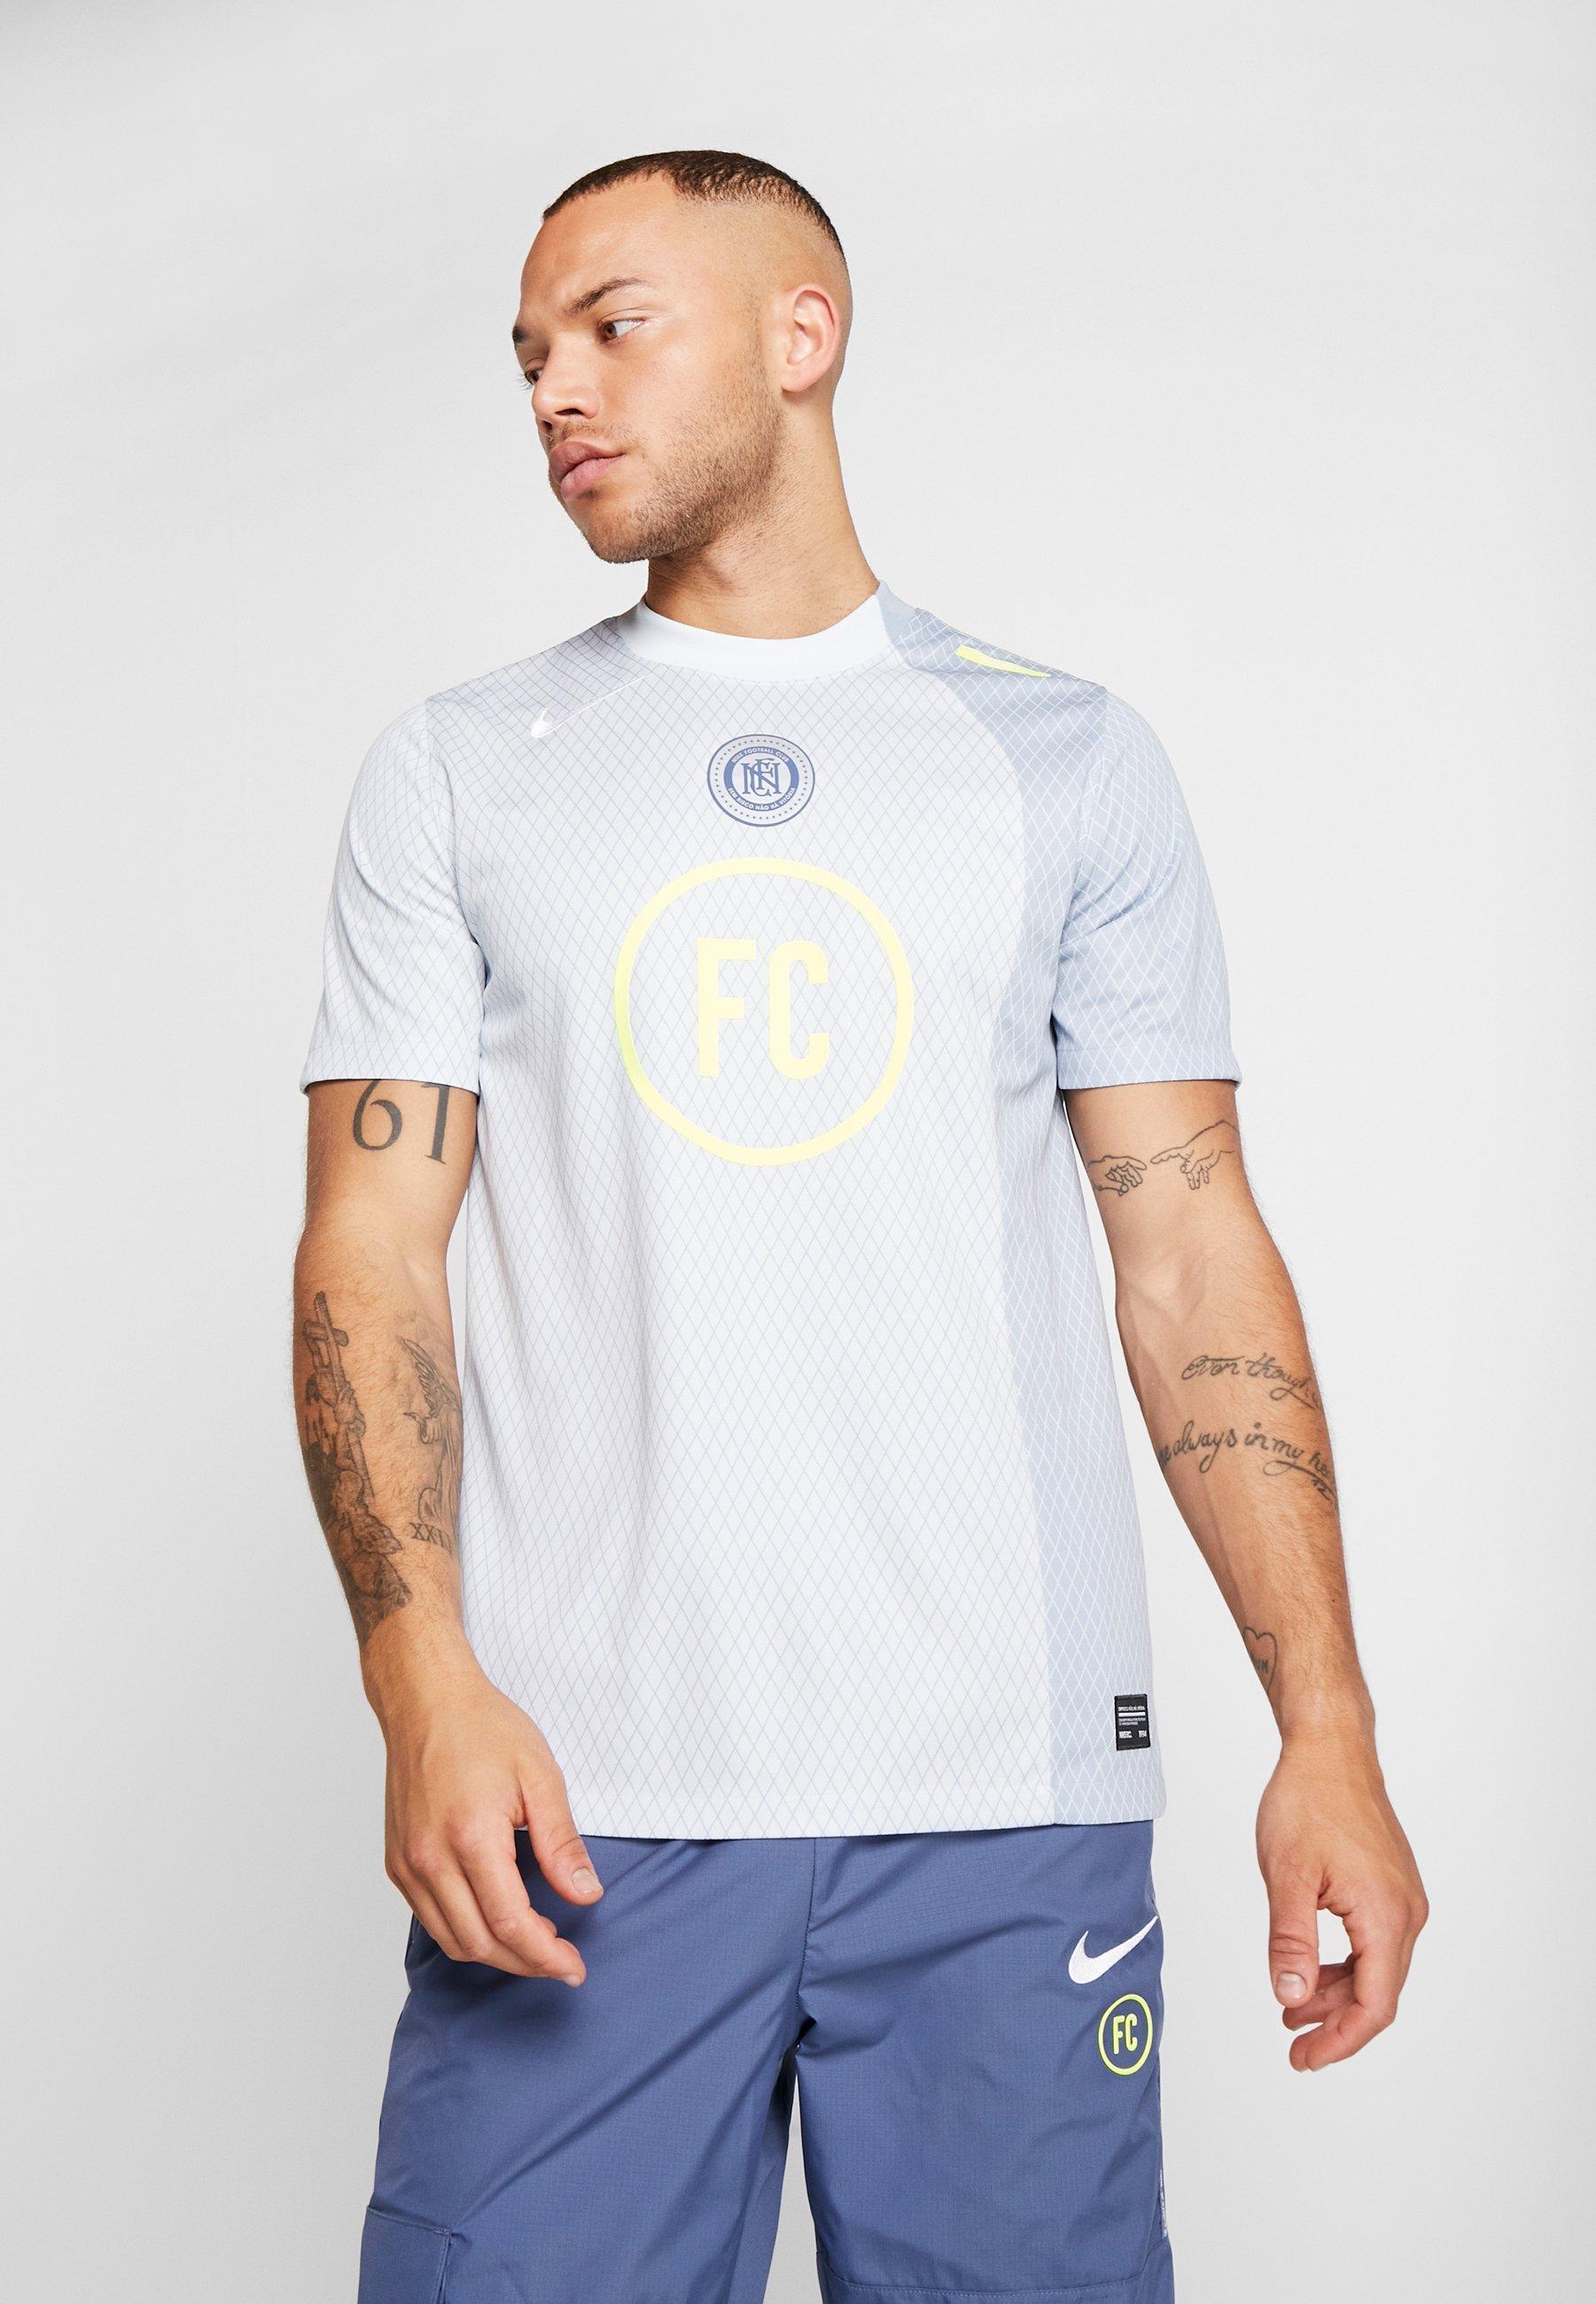 Acquista Abbigliamento da uomo Nike Performance FC AWAY T-shirt con stampa obsidian mist/pure platinum/white